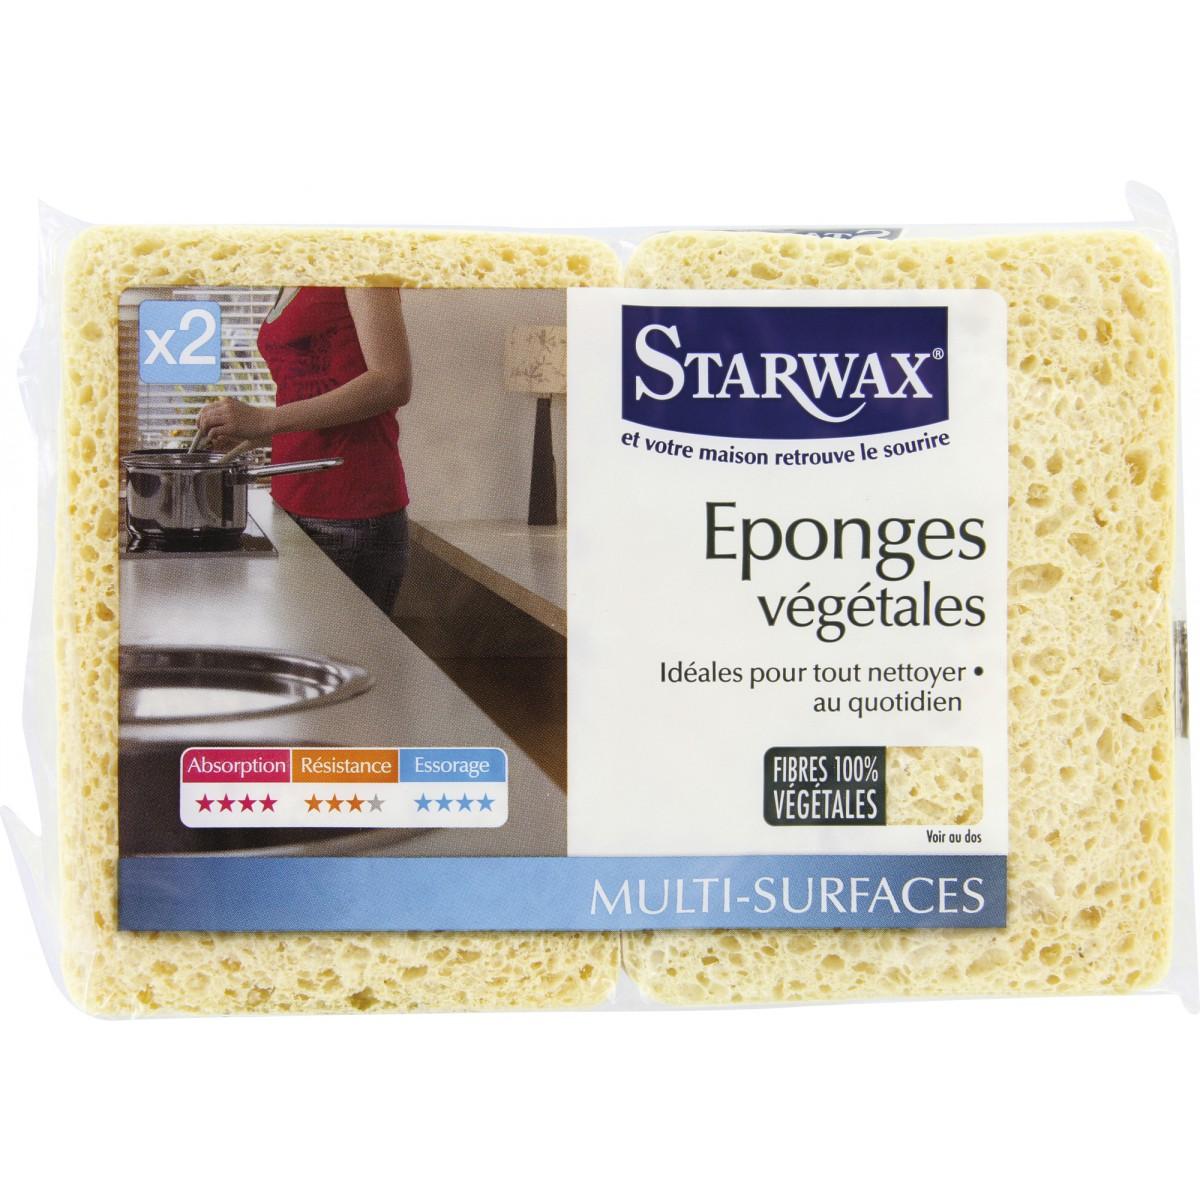 Eponge végétale bordée Starwax - Moyen modèle - Vendu par 2